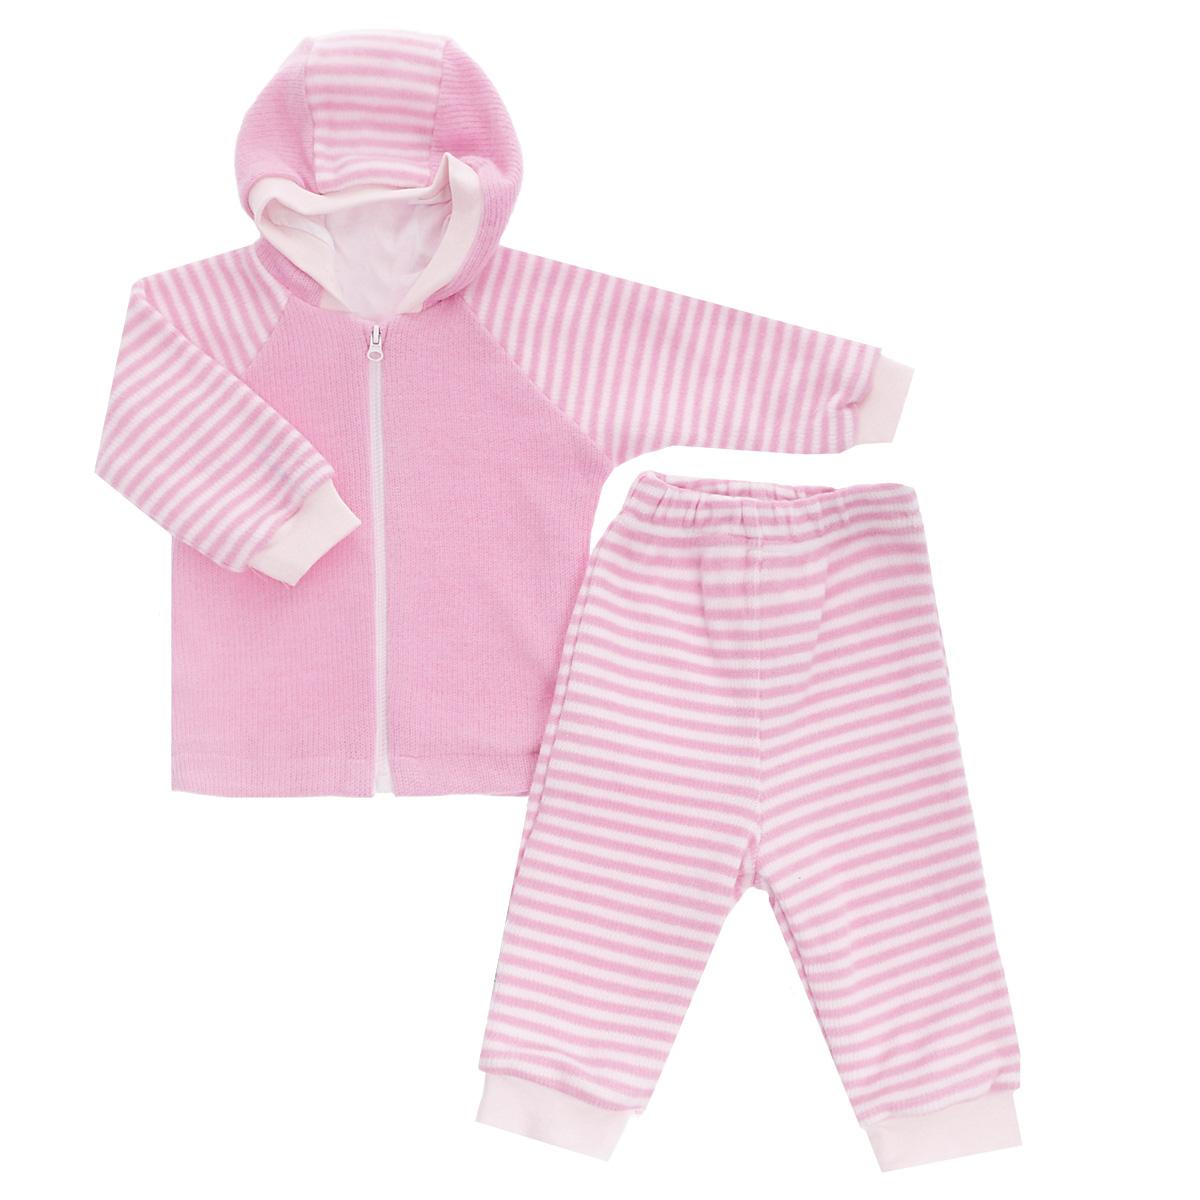 Комплект детский Lucky Child: кофта, брюки, цвет: розовый, белая полоска. 4-15. Размер 62/684-15Детский вязаный комплект Lucky Child, состоящий из кофты и брюк - очень удобный и практичный. Комплект выполнен из натурального хлопка, на подкладке также используется натуральный хлопок, благодаря чему он необычайно мягкий и приятный на ощупь, не раздражают нежную кожу ребенка и хорошо вентилируются, а эластичные швы приятны телу малыша и не препятствуют его движениям. Кофта с капюшоном и длинными рукавами-реглан застегивается на пластиковую застежку-молнию. Рукава понизу дополнены широкими трикотажными манжетами, не перетягивающими запястья. Брюки прямого покроя на талии имеют широкую эластичную резинку, благодаря чему они не сдавливают животик ребенка и не сползают. Понизу штанины также дополнены широкими трикотажными манжетами. Комплект идеален как самостоятельная верхняя одежда прохладным летом или ранней осенью. Комплект полностью соответствует особенностям жизни малыша, не стесняя и не ограничивая его в движениях!